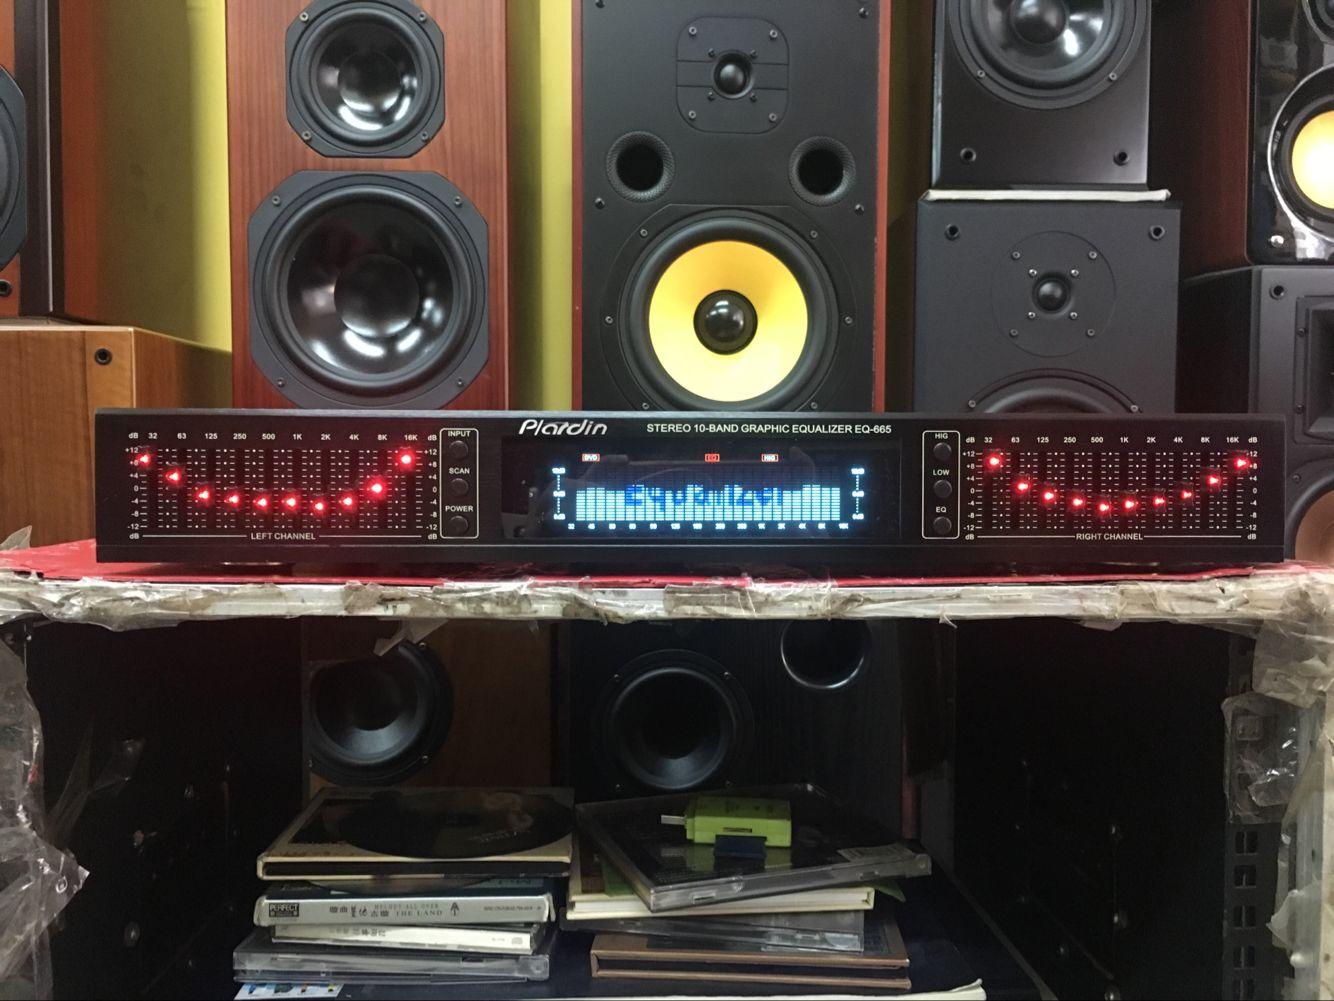 包邮黑色 EQ-665双10段手调显示屏家用均衡器 四路输入均衡效果器